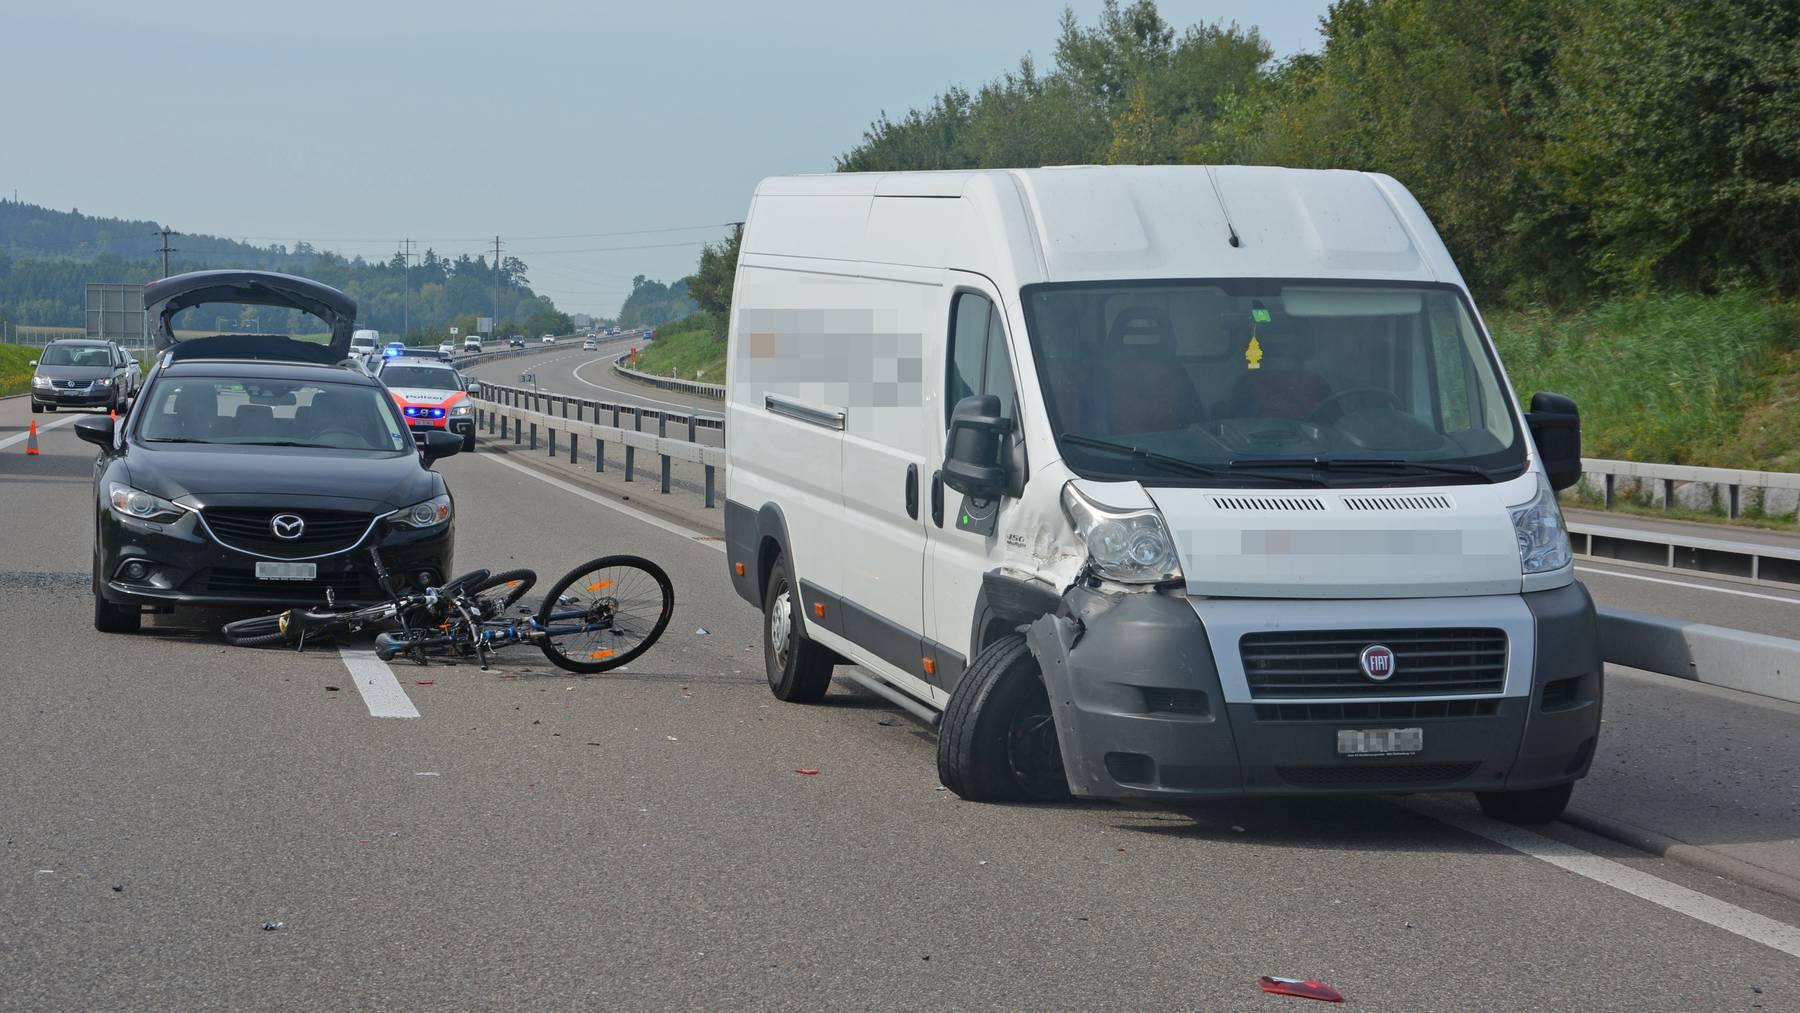 Bei den Unfällen wurde niemand verletzt.